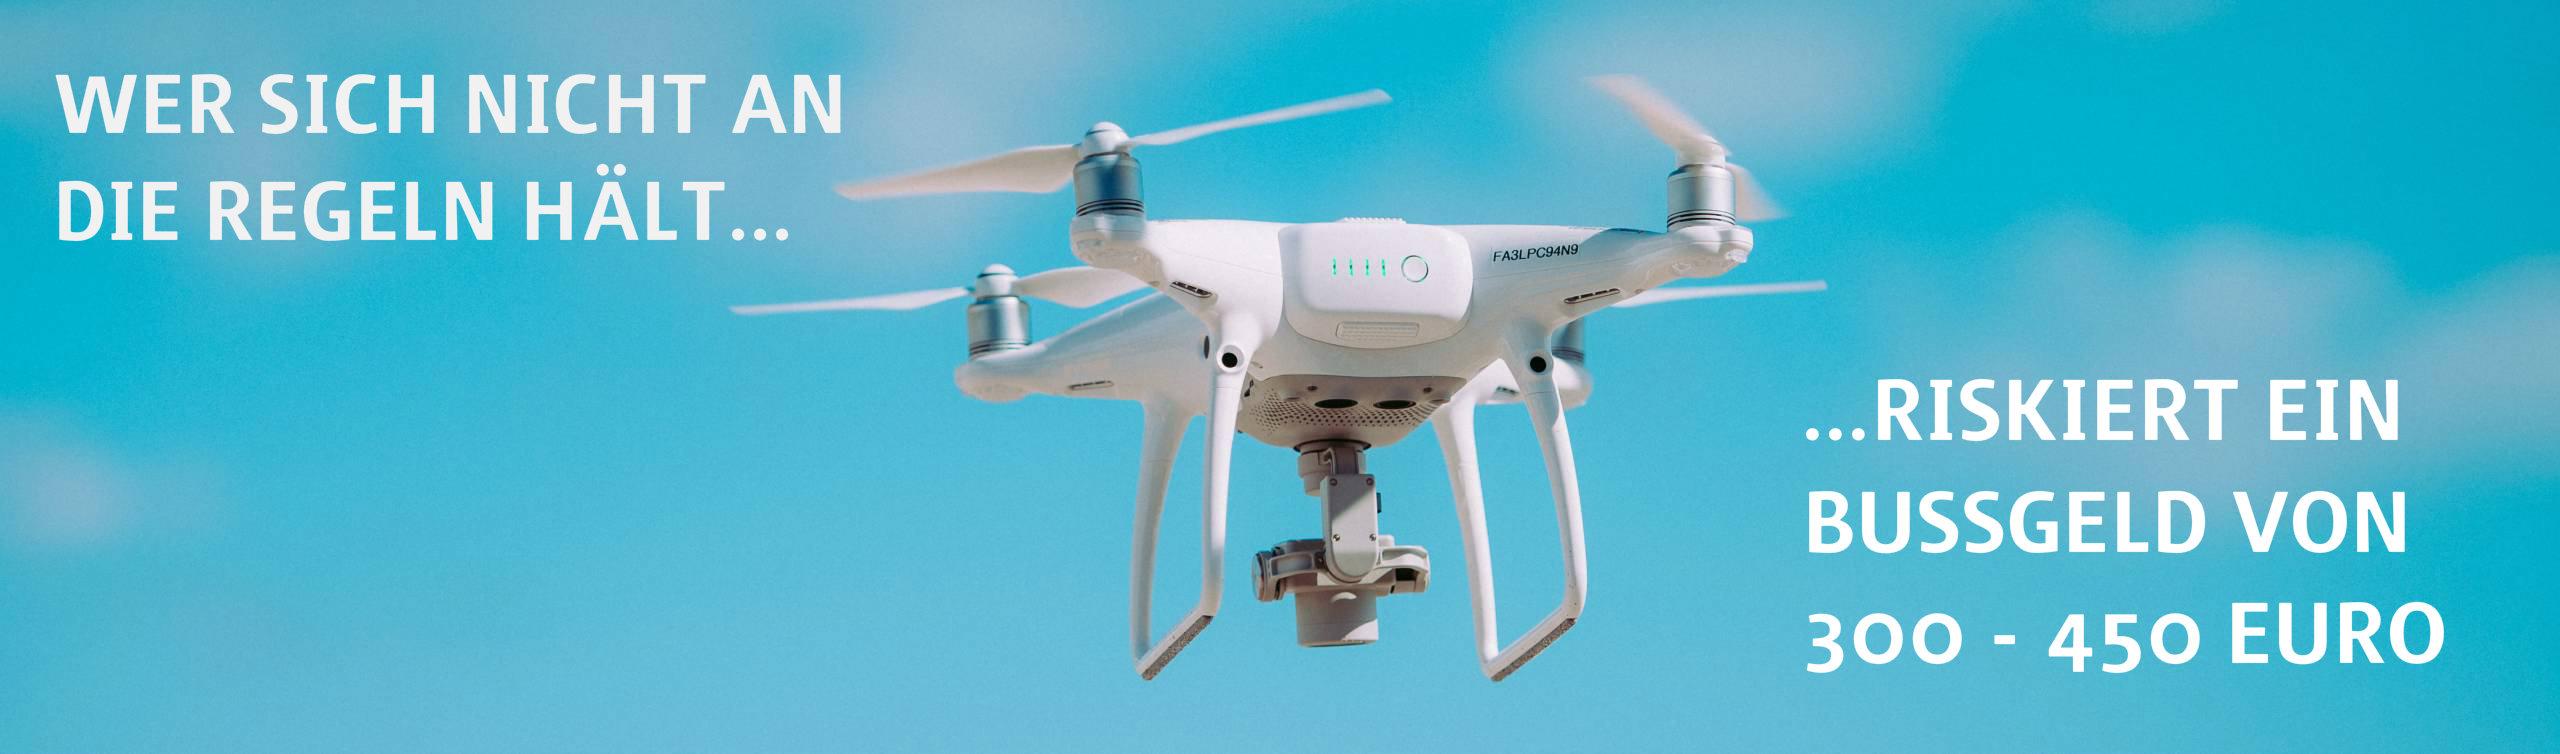 Wer seine Drohne ohne passenden Versicherungsschutz aufsteigen lässt riskiert ein Bußgeld von 300-450 Euro